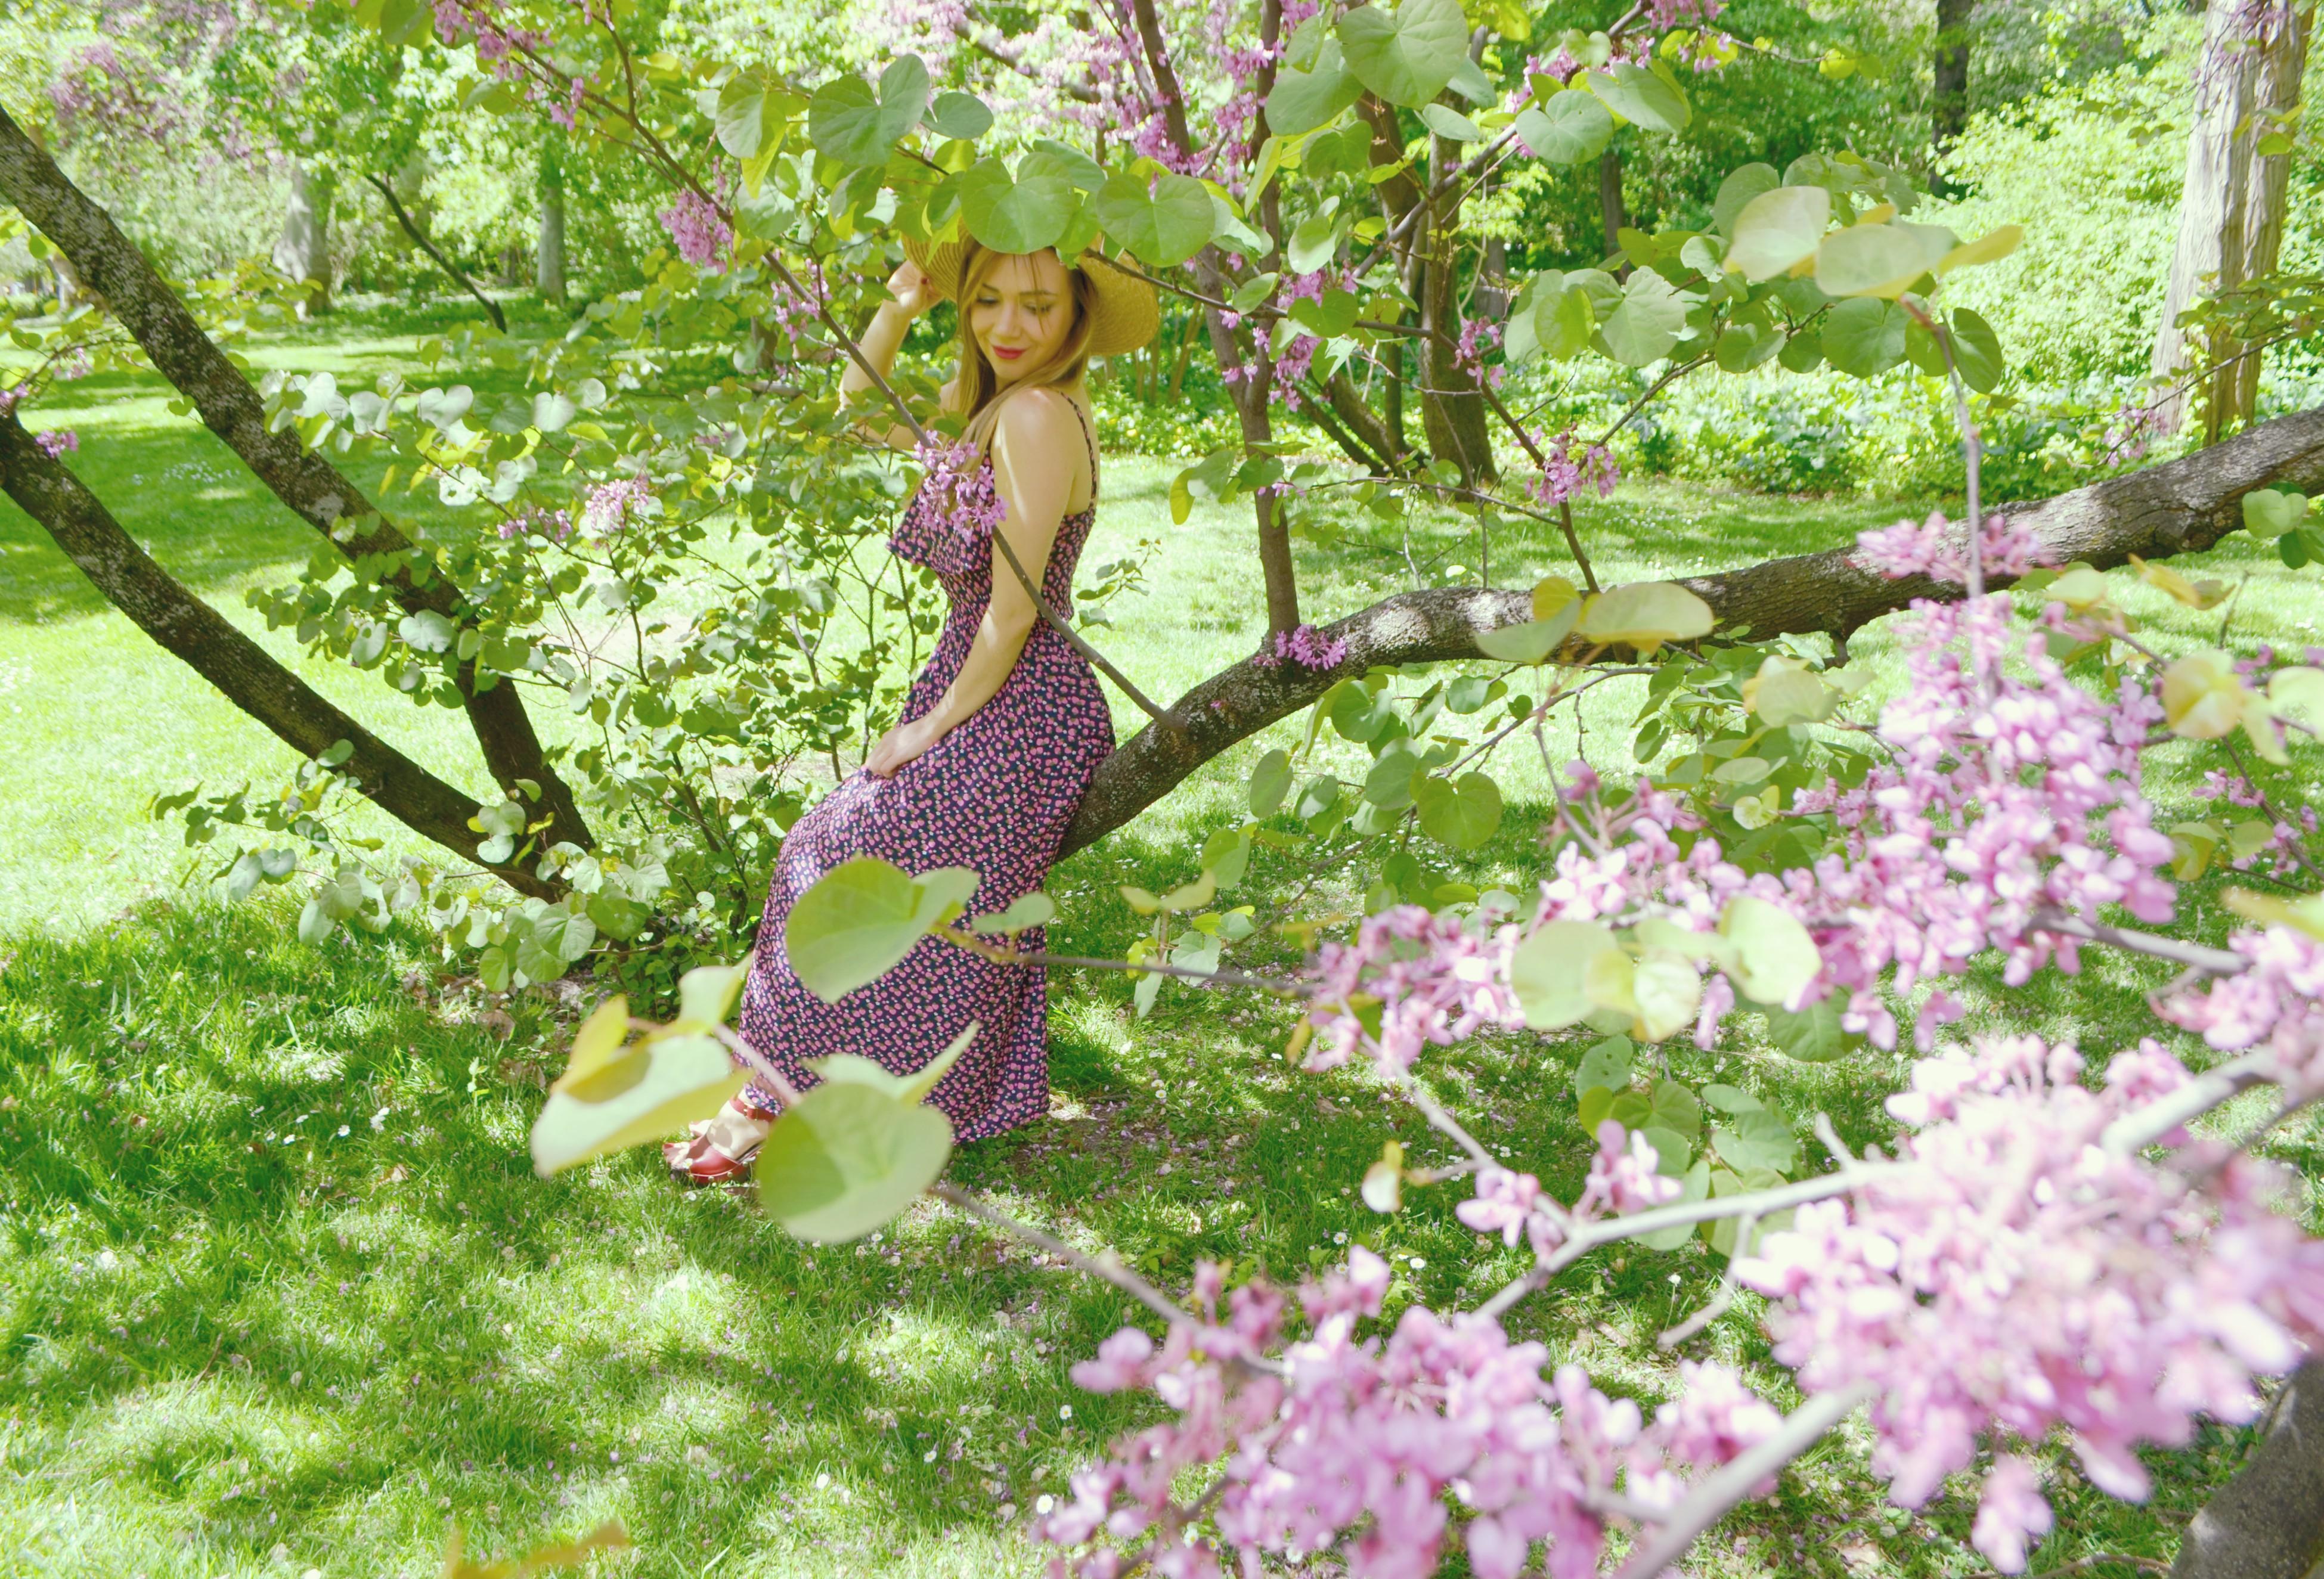 Blog-de-moda-influencer-Madrid-vestidos-de-primavera-ChicAdicta-trakabarraka-fashionista-Parque-el-capricho-Chic-Adicta-PiensaenChic-Piensa-en-Chic